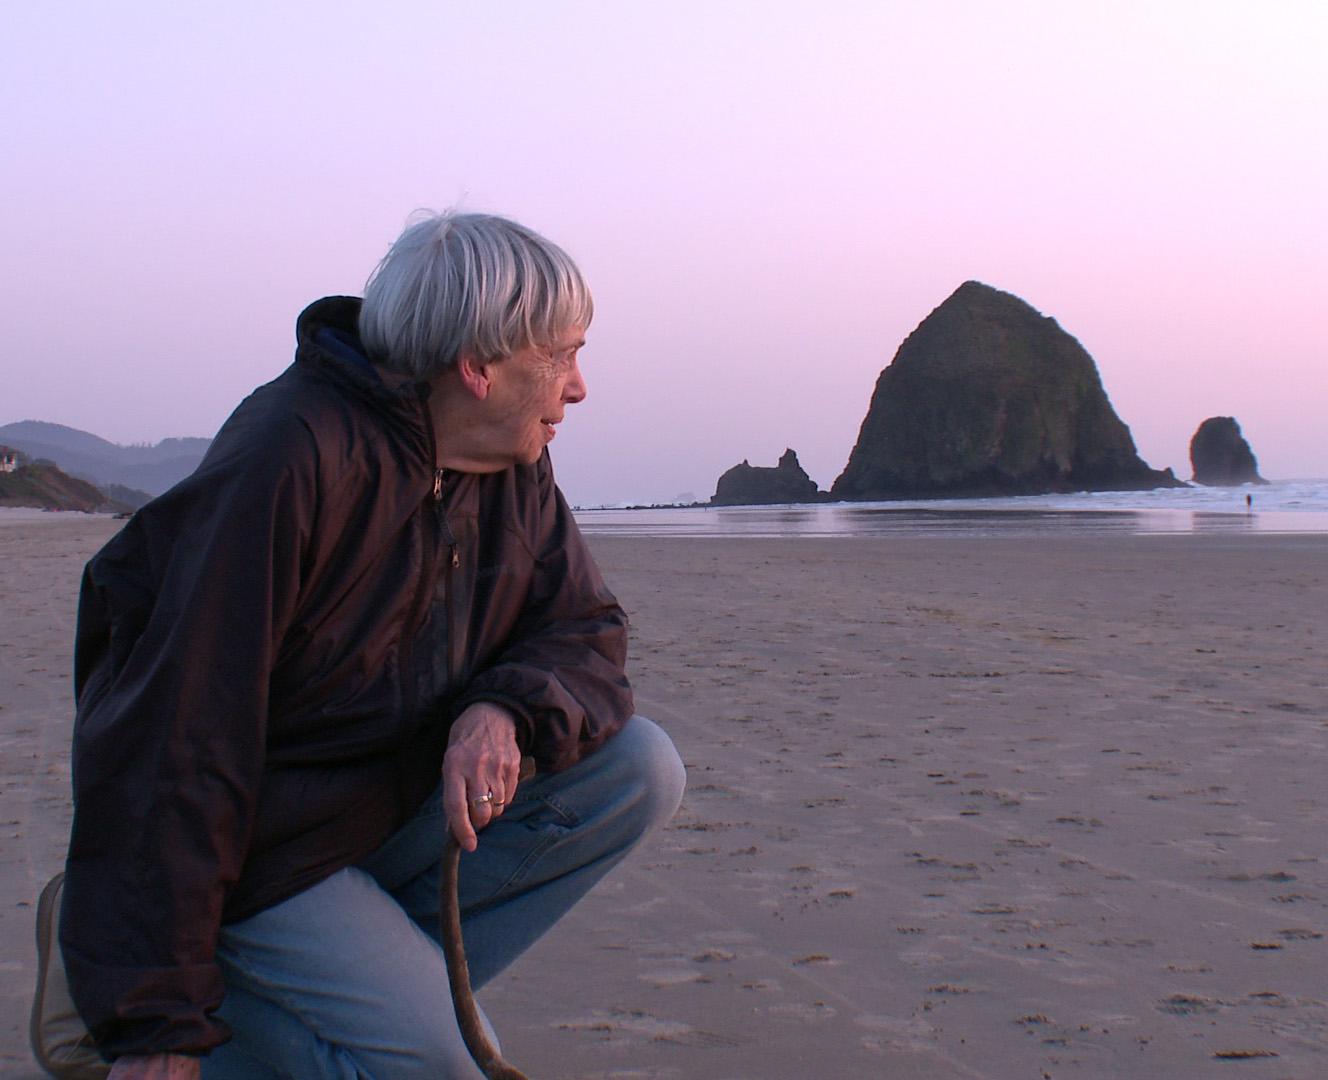 Ursula K. Le Guin on the beach